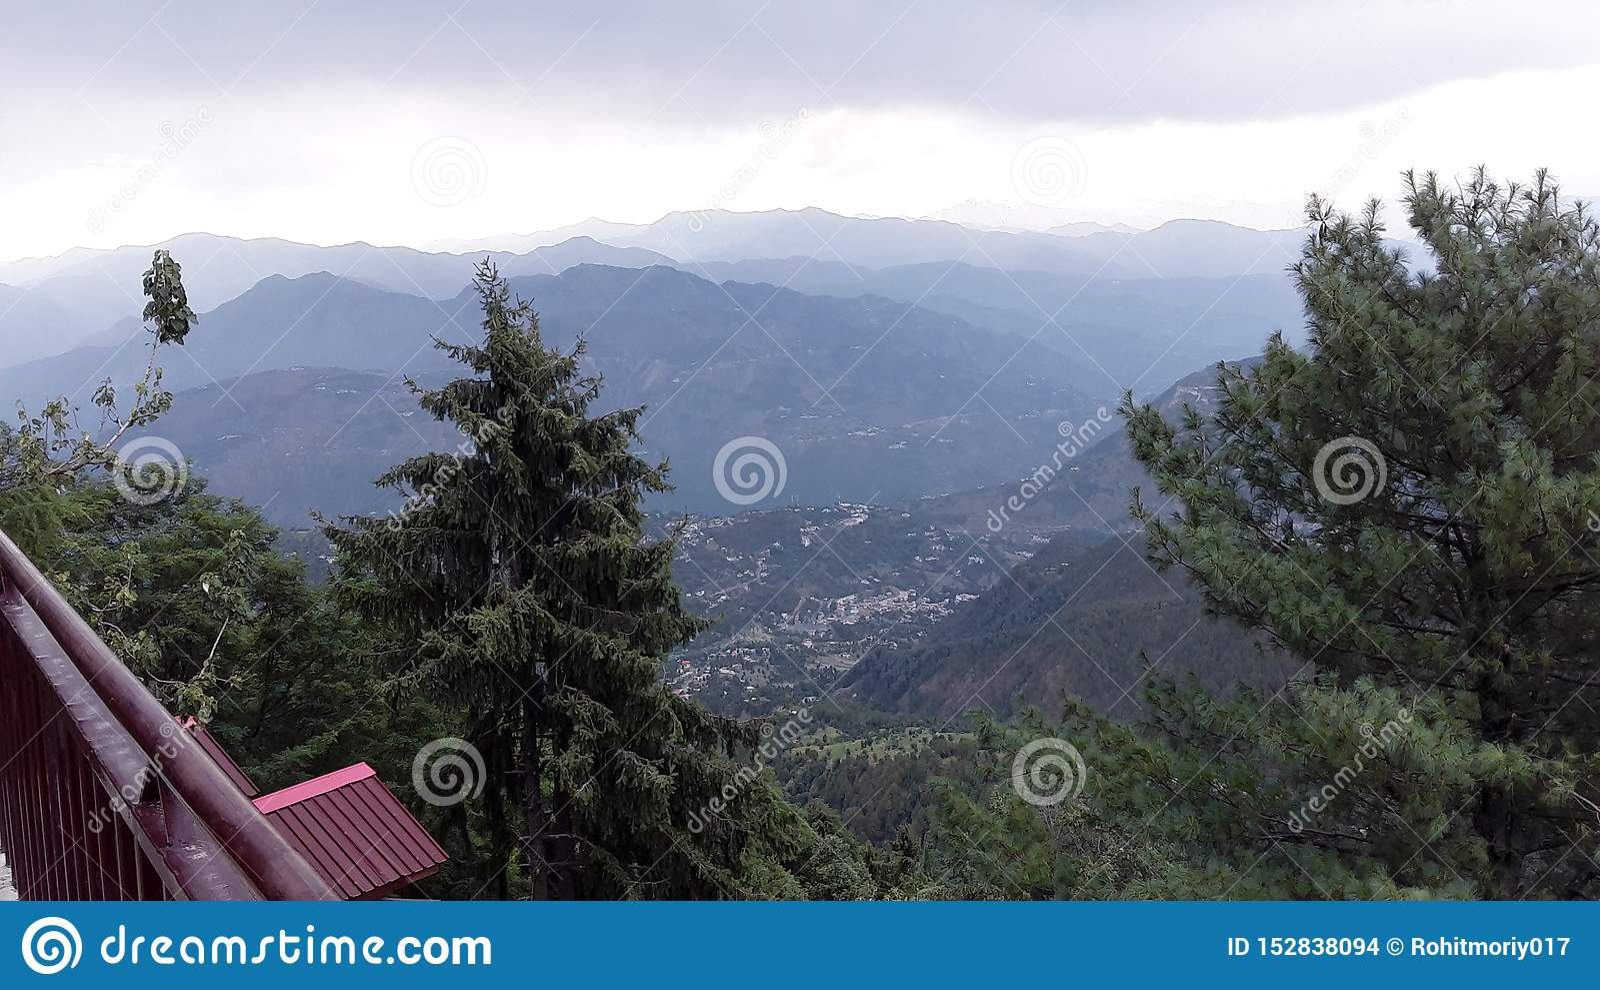 All indierMount Everest indisk bild